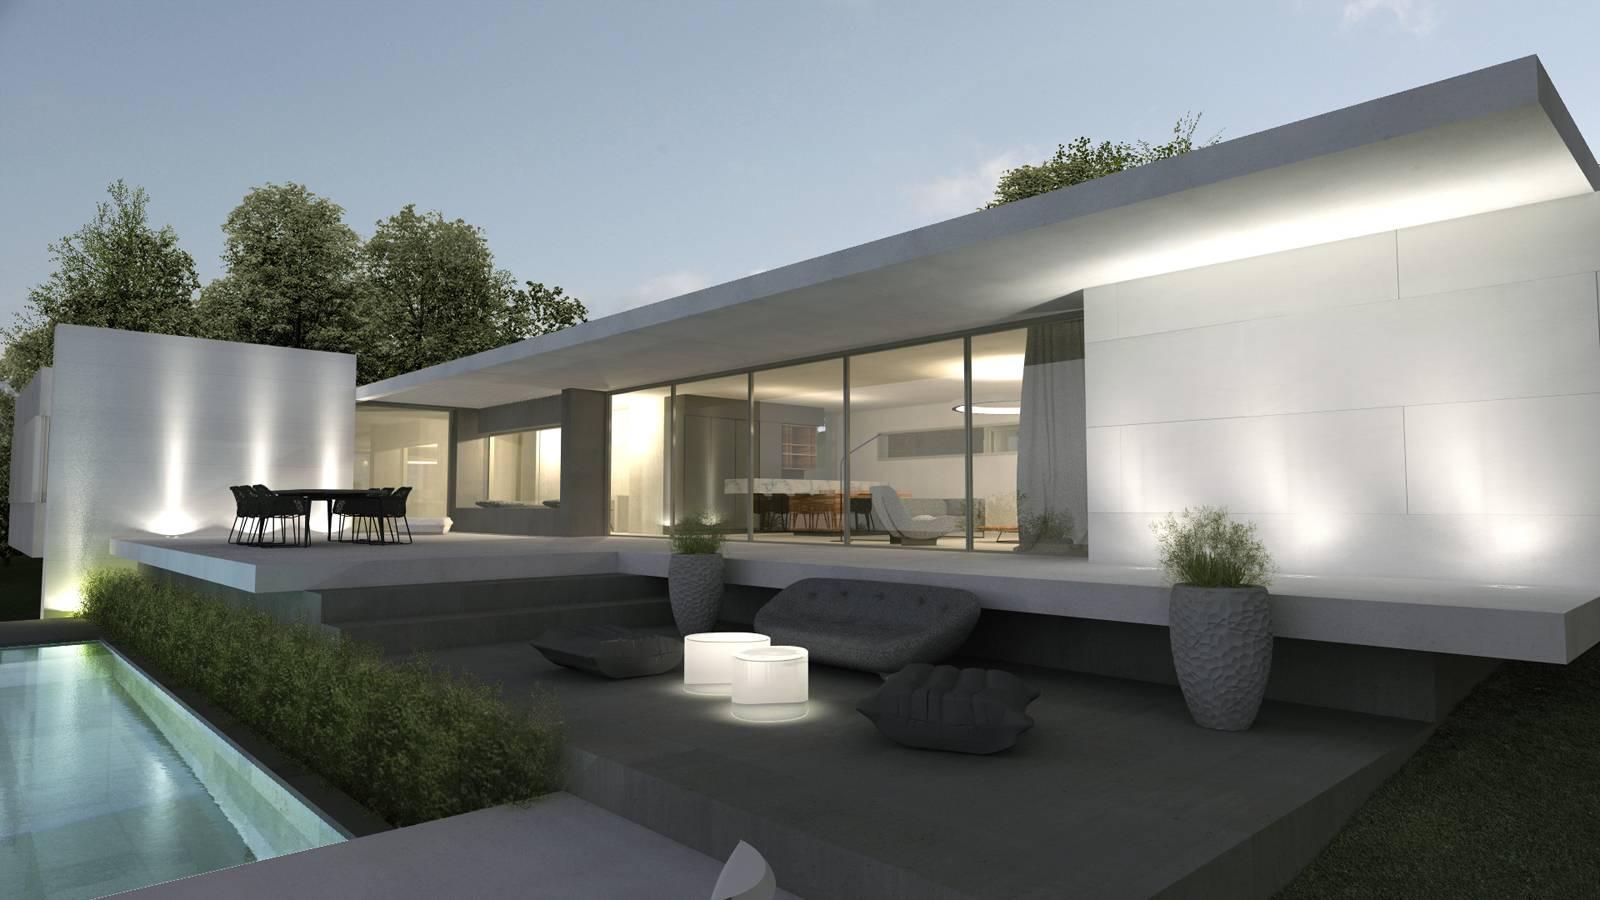 maison d 39 architecte moderne g pr s de lyon architecte a2 sb. Black Bedroom Furniture Sets. Home Design Ideas